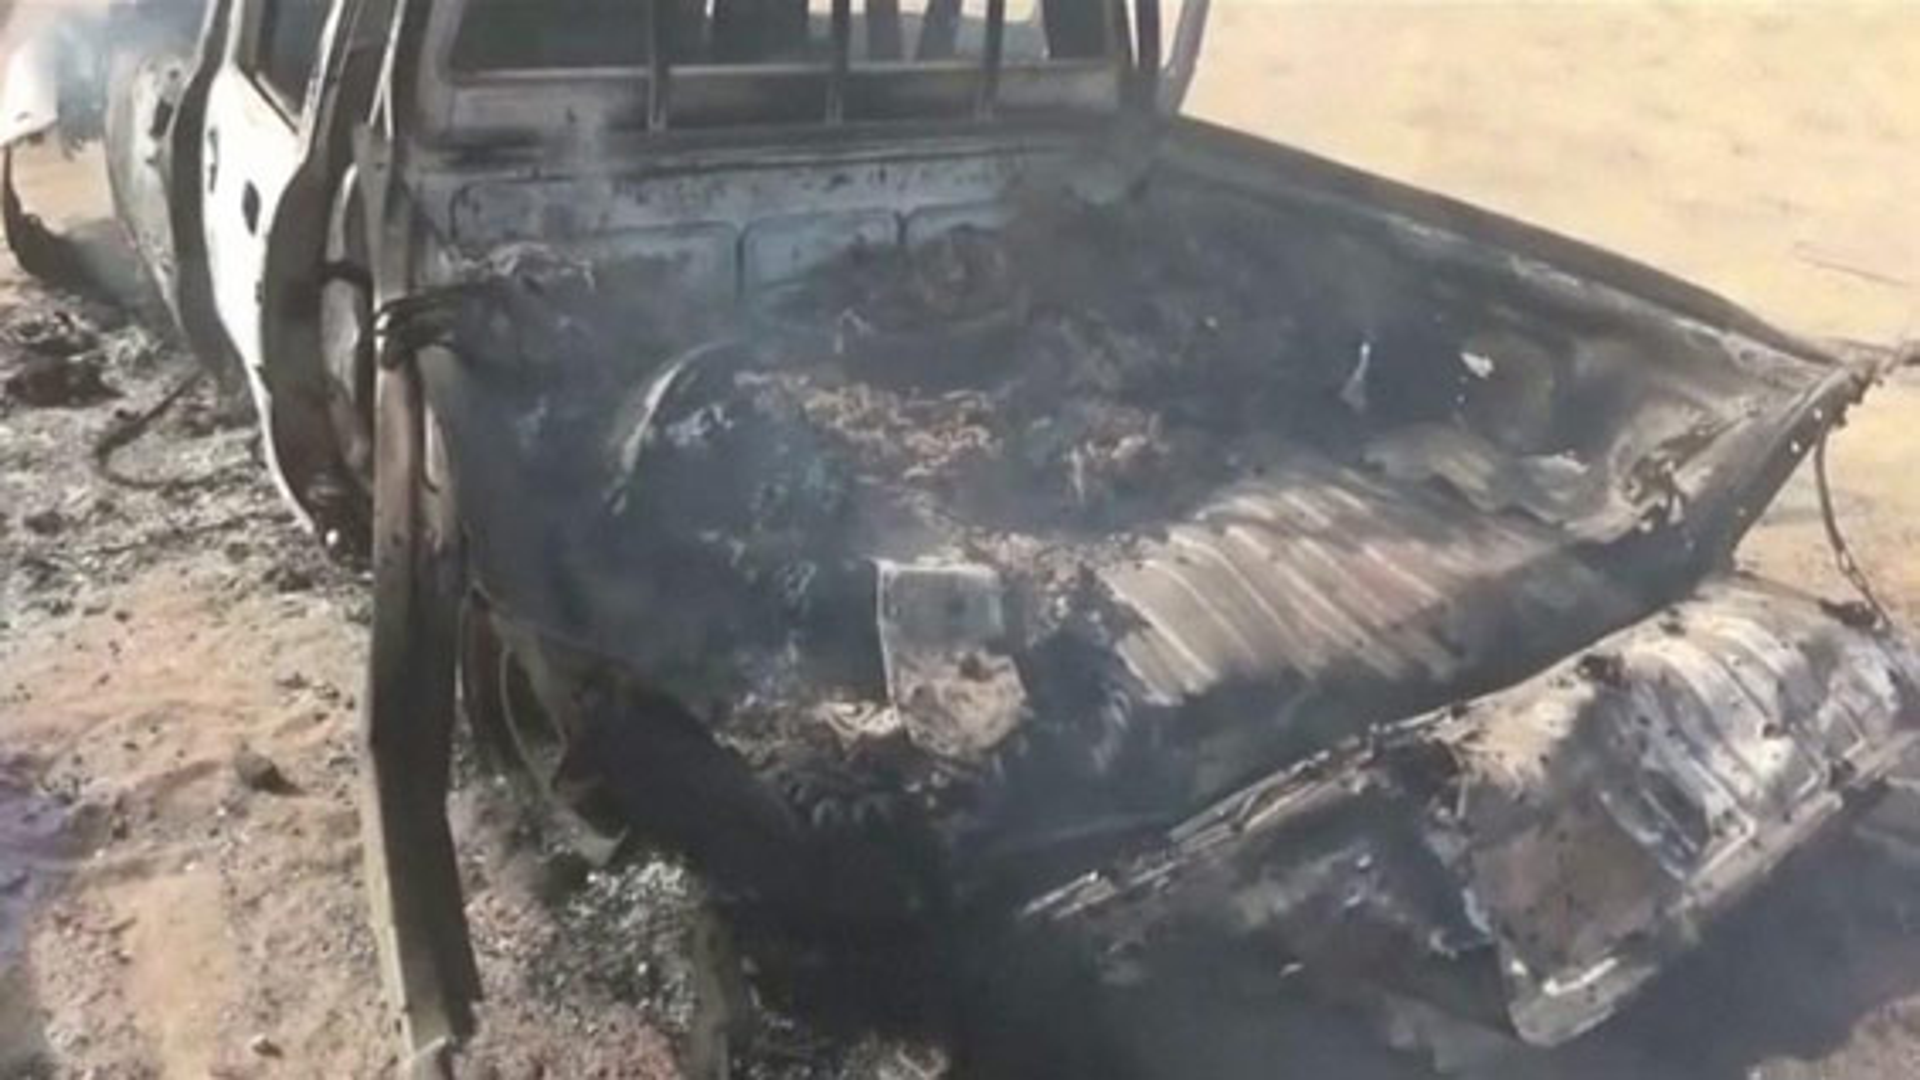 فیلم حمله هواپیماهای ائتلاف اعراب به رهبری عربستان به خودروی غیرنظامیان